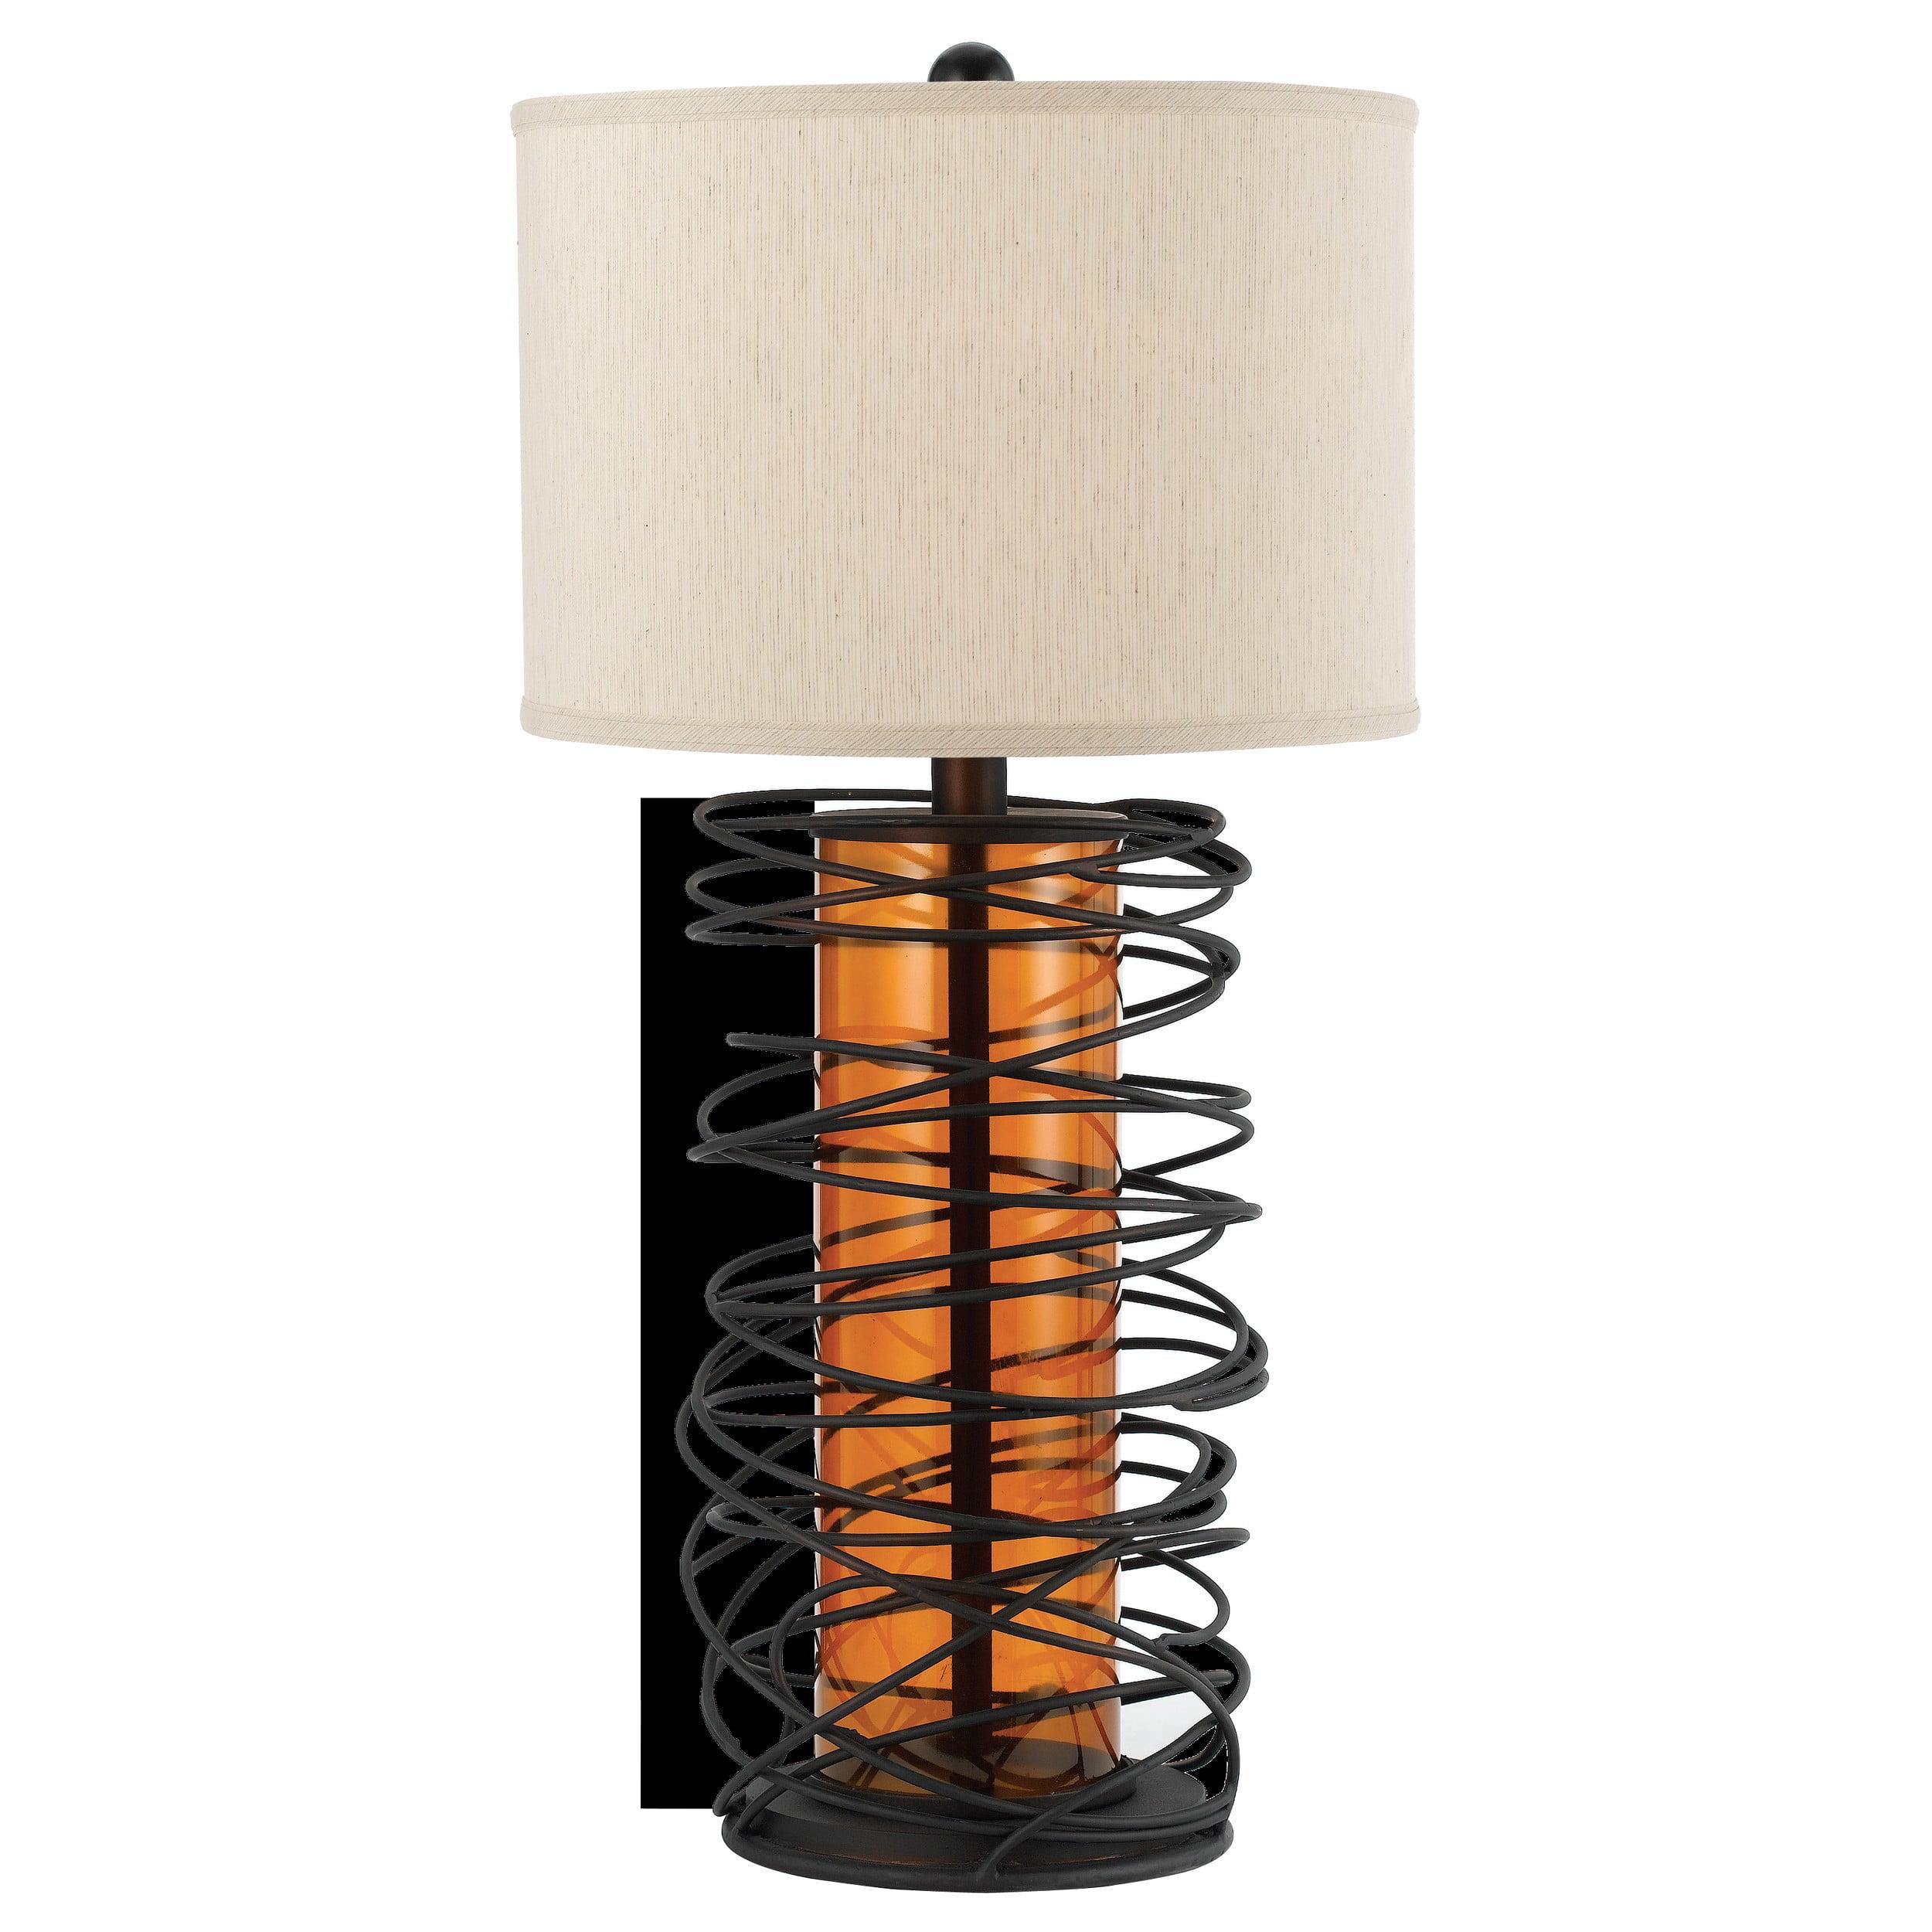 """Afhor 7932-TL Ponderosa Table Lamp 1-150w 3-way Standard Bulb 28.5""""hx15""""d"""